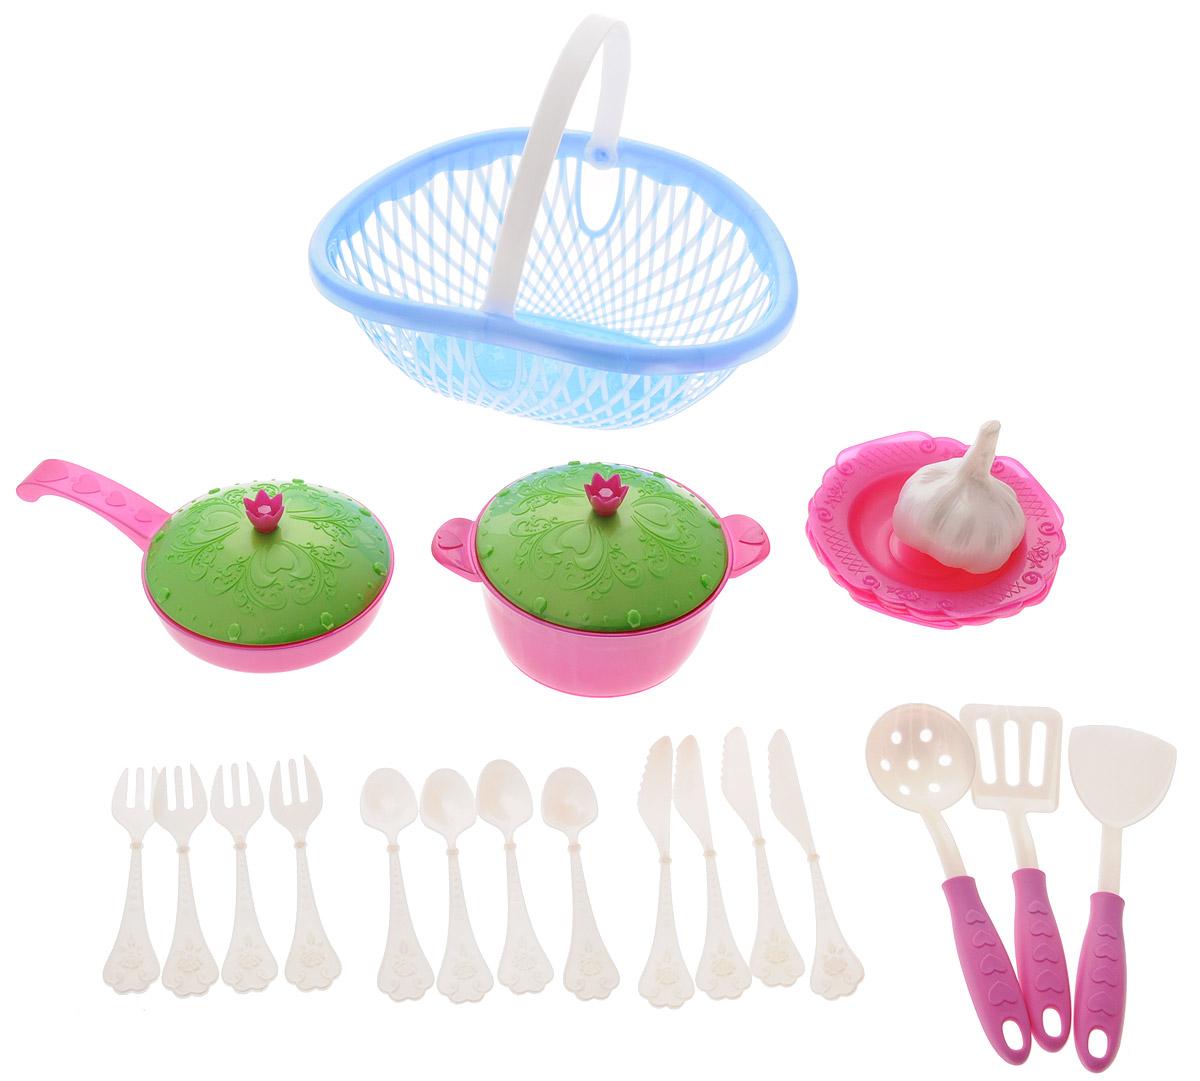 Нордпласт Игрушечный набор посуды Кухонный сервиз Волшебная хозяюшка цвет фуксия голубой зеленый